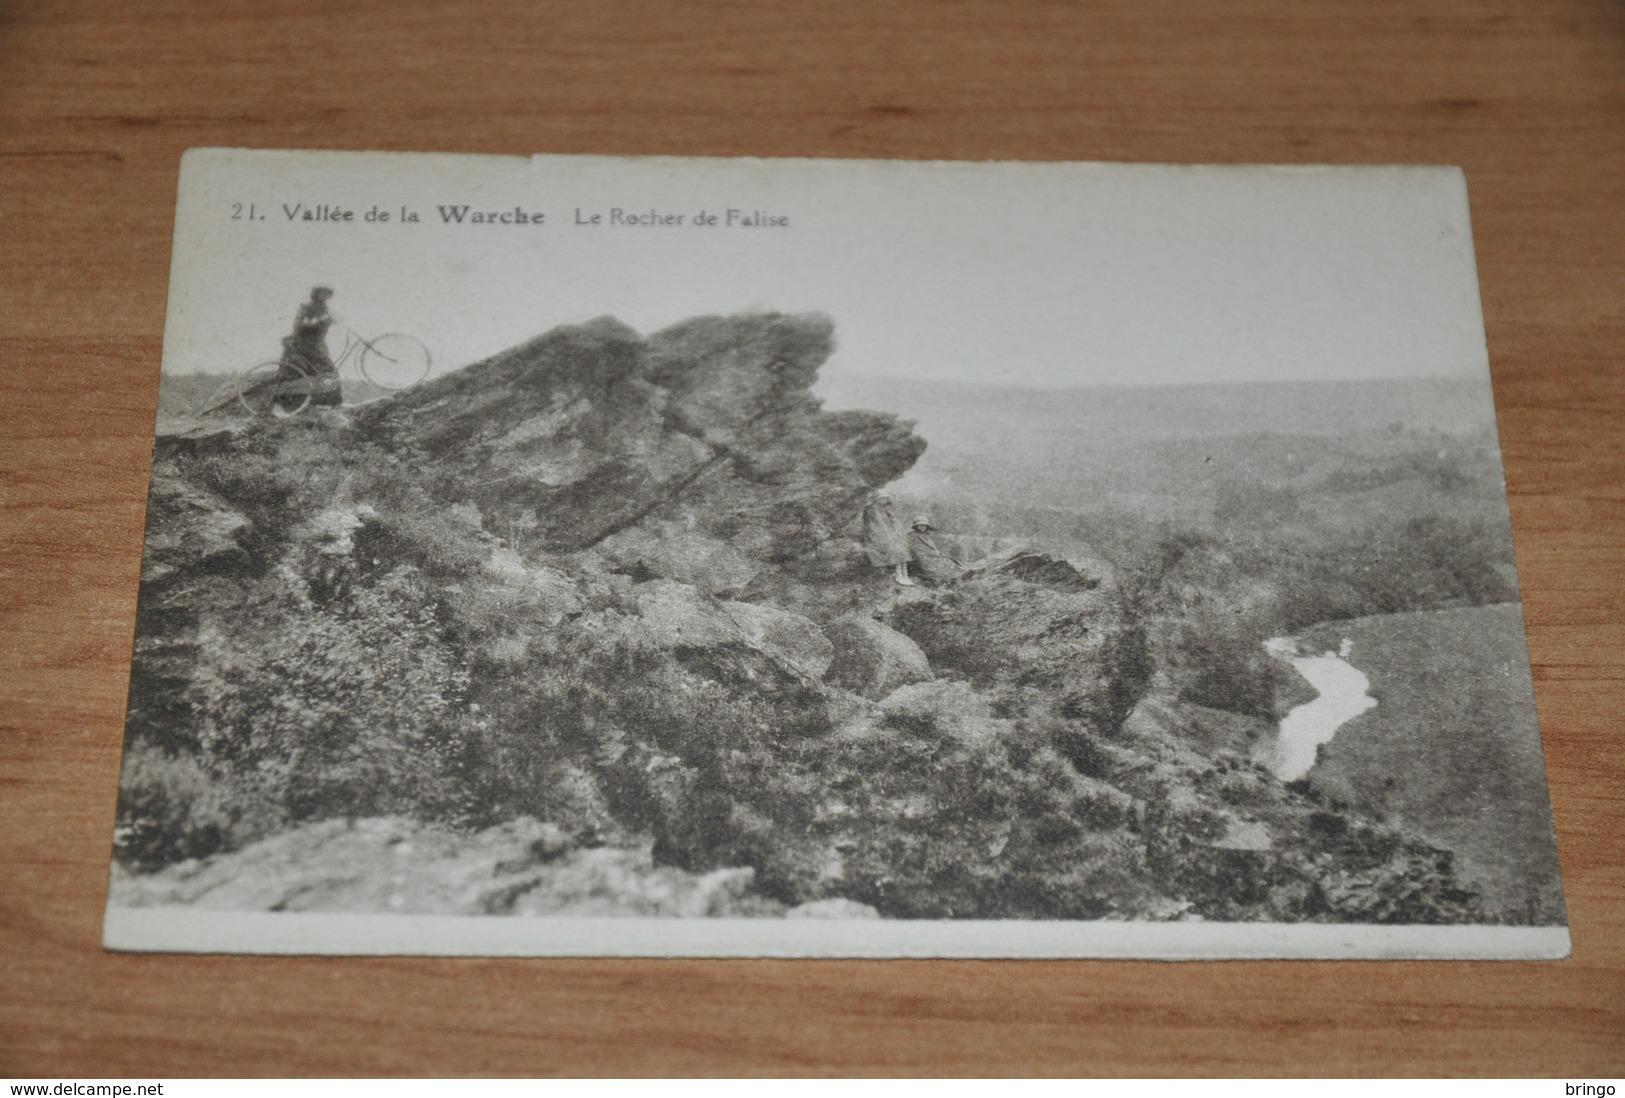 6596- VALLEE DE LA WARCHE, LE ROCHER DE FALISE - Verlaine